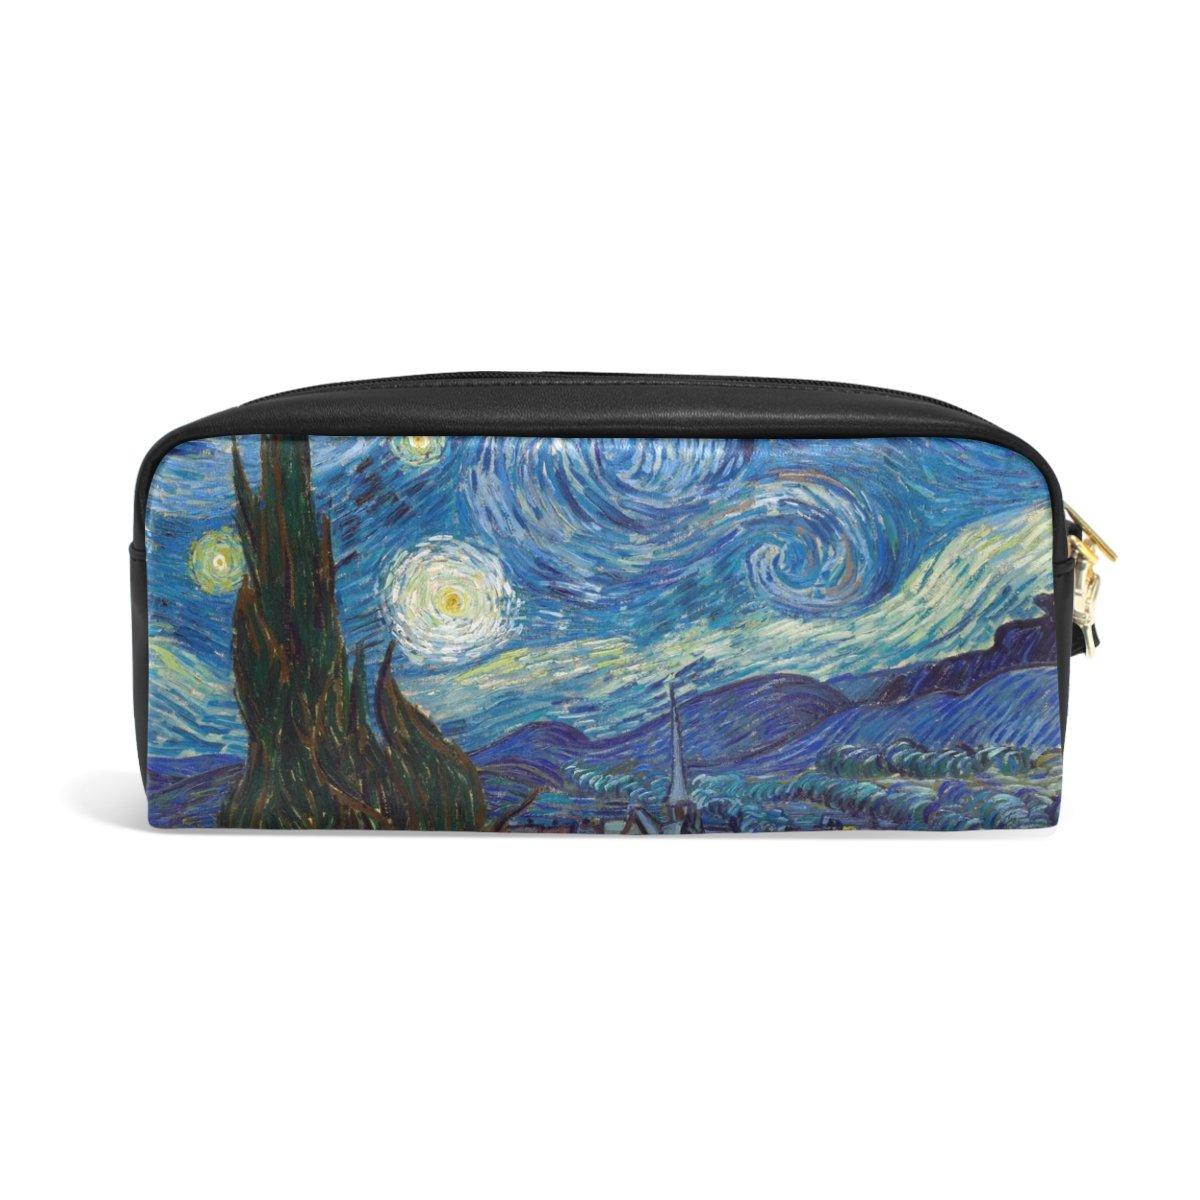 zzkko noche estrellada Van funda Gogh funda Van de piel cremallera lápiz pluma estacionaria bolso de la bolsa de cosméticos bolsa 1a3968